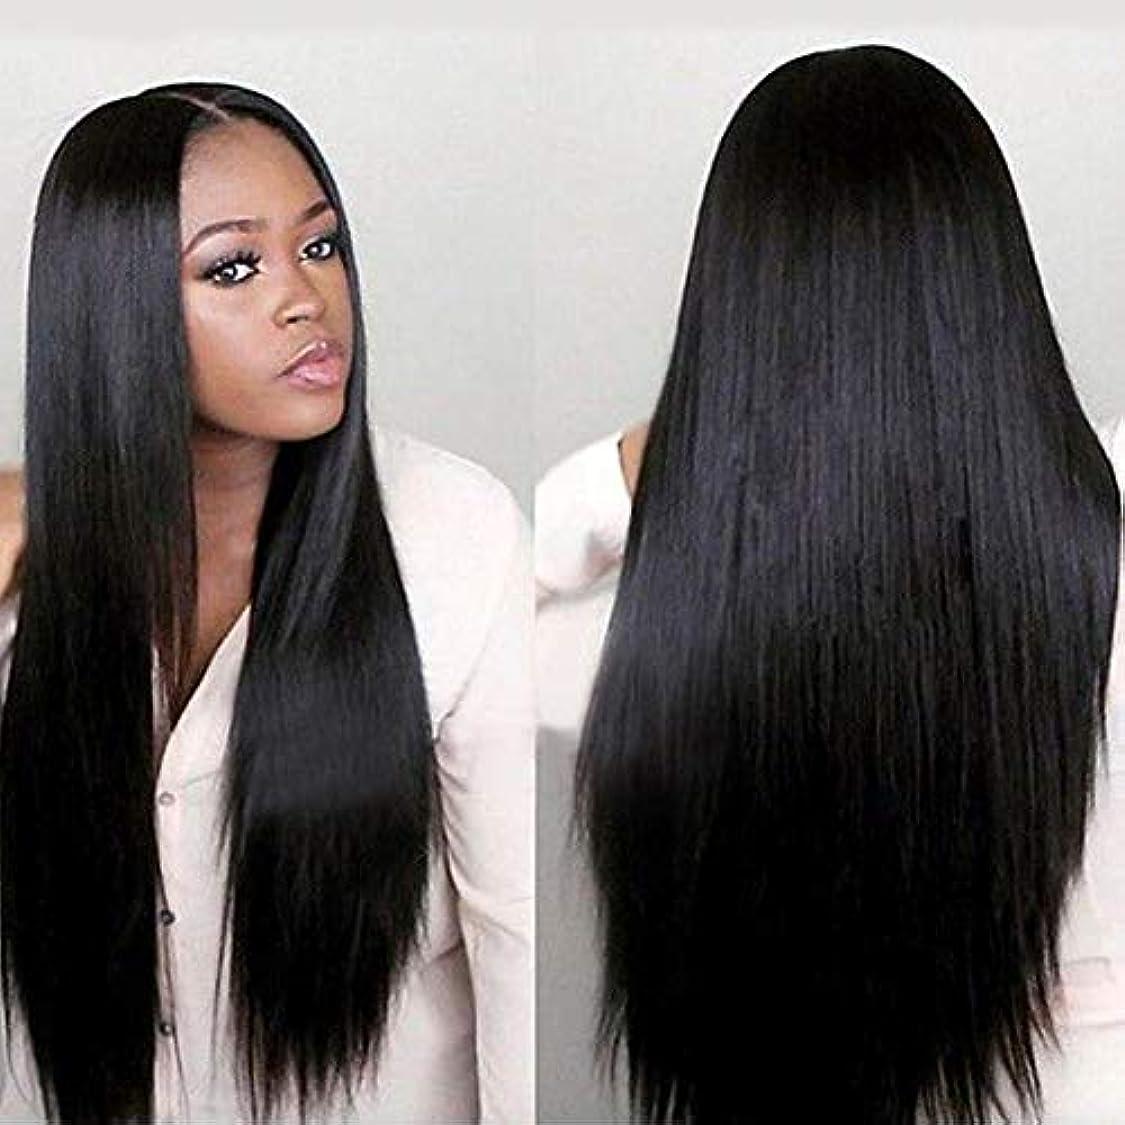 パースブラックボロウマッサージ活力slQinjiansav女性ウィッグ修理ツール女性黒ロングストレートレースフロントローズネット人間の髪の毛ウィッグナチュラルヘアピース